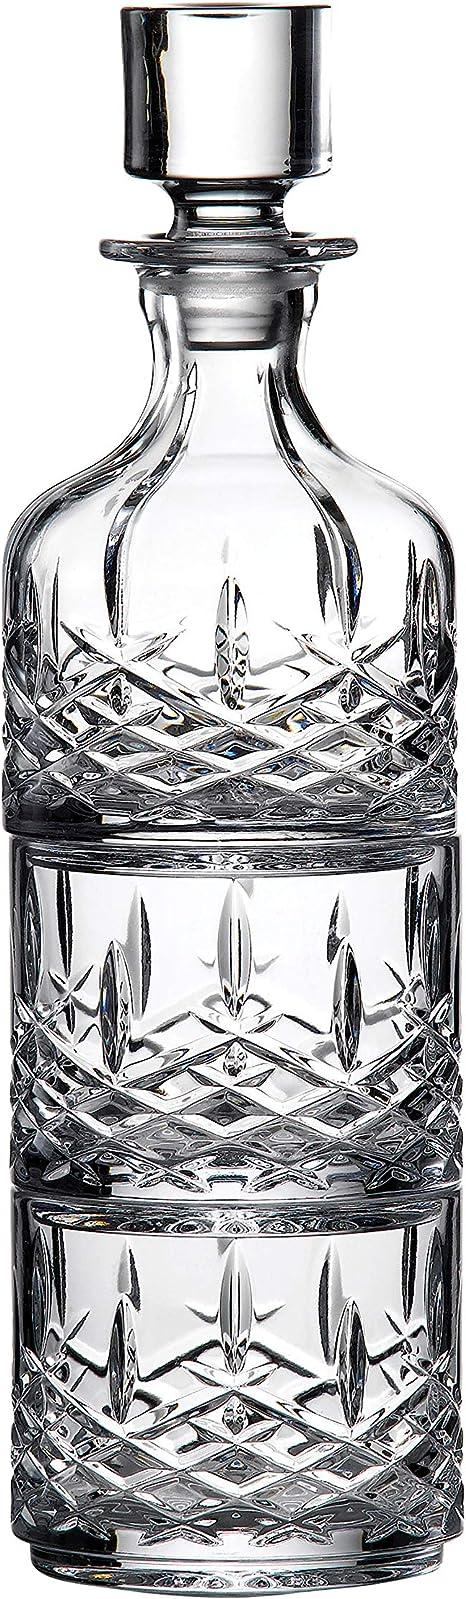 Cristal Waterford Brady Carafe /à d/écanter et DOF Gobelet Transparent Lot de 2